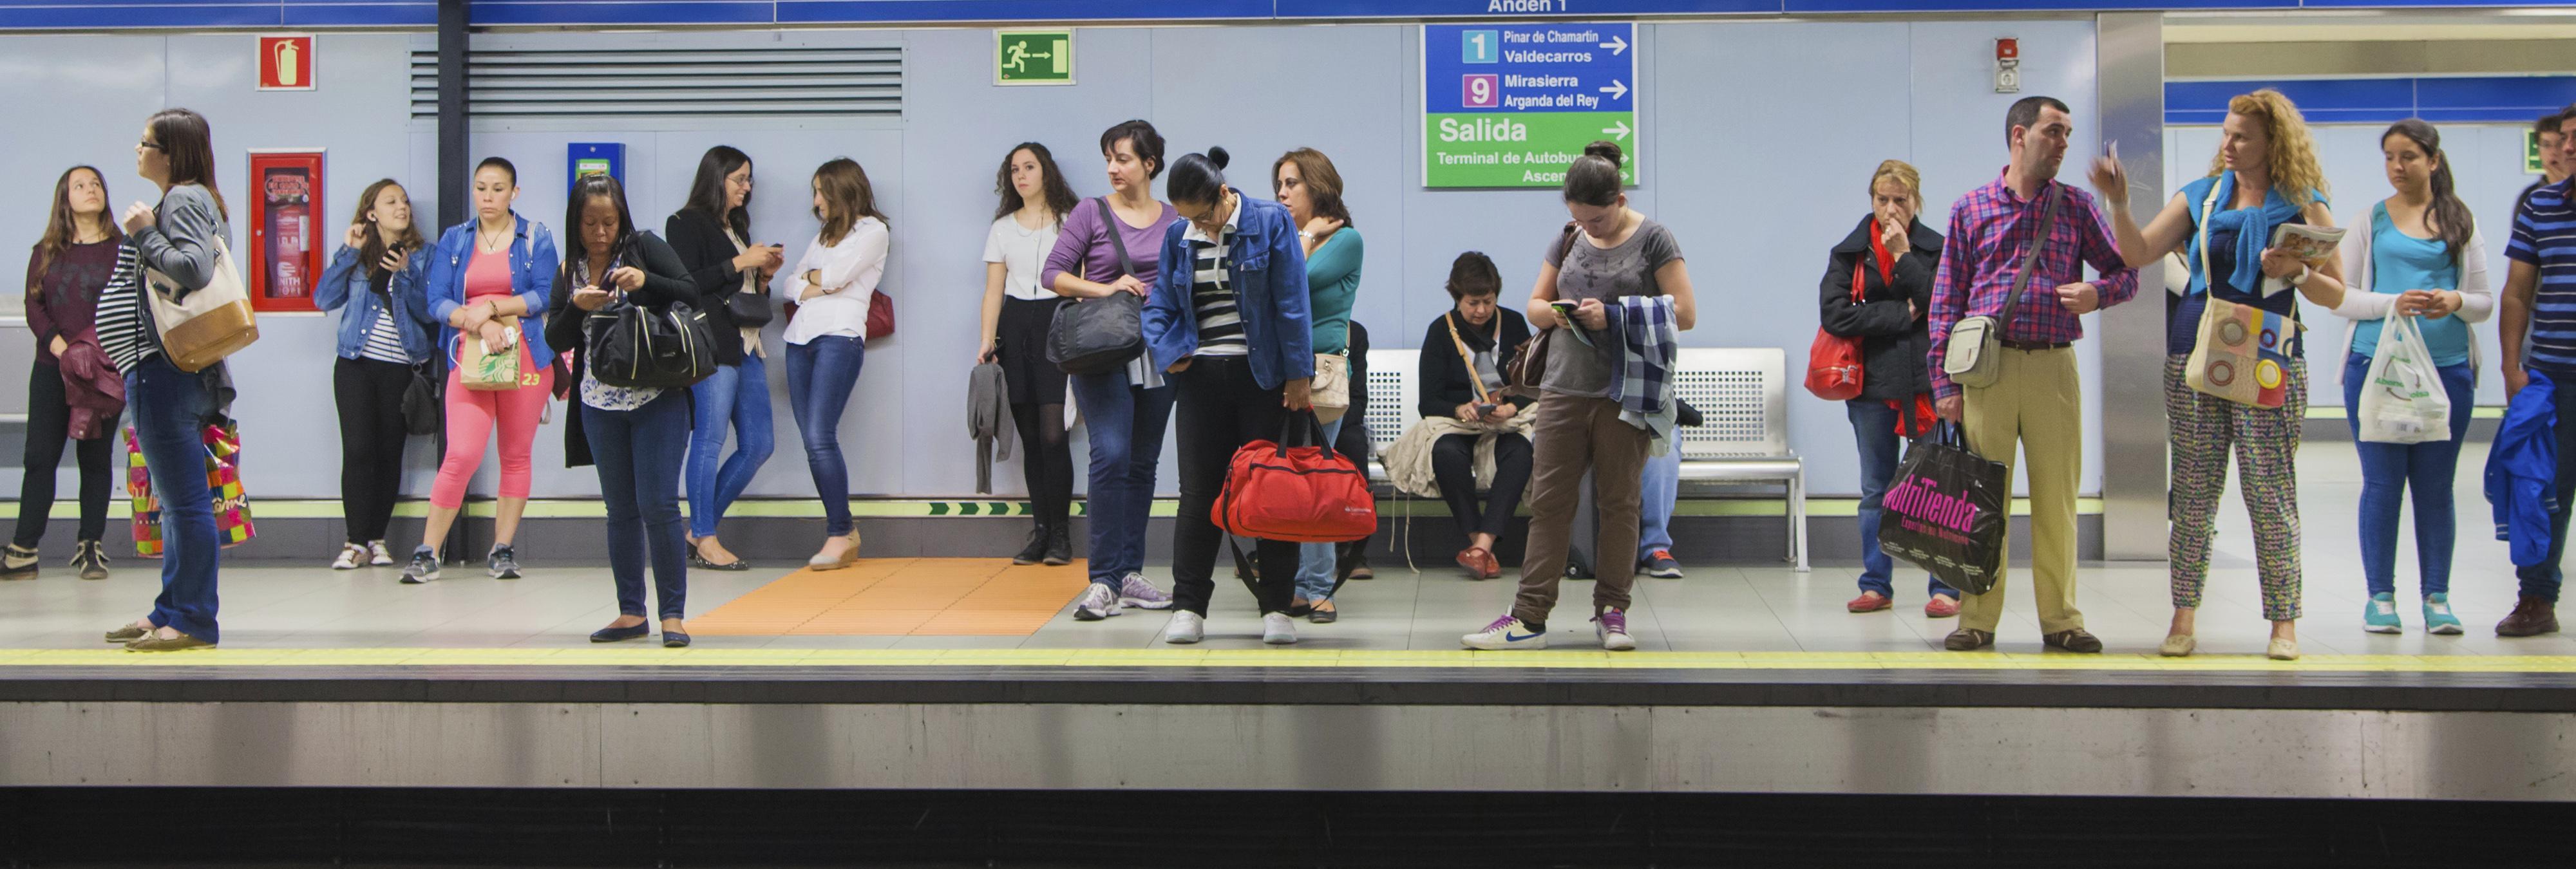 El Metro de Madrid es desalojado por un error informático